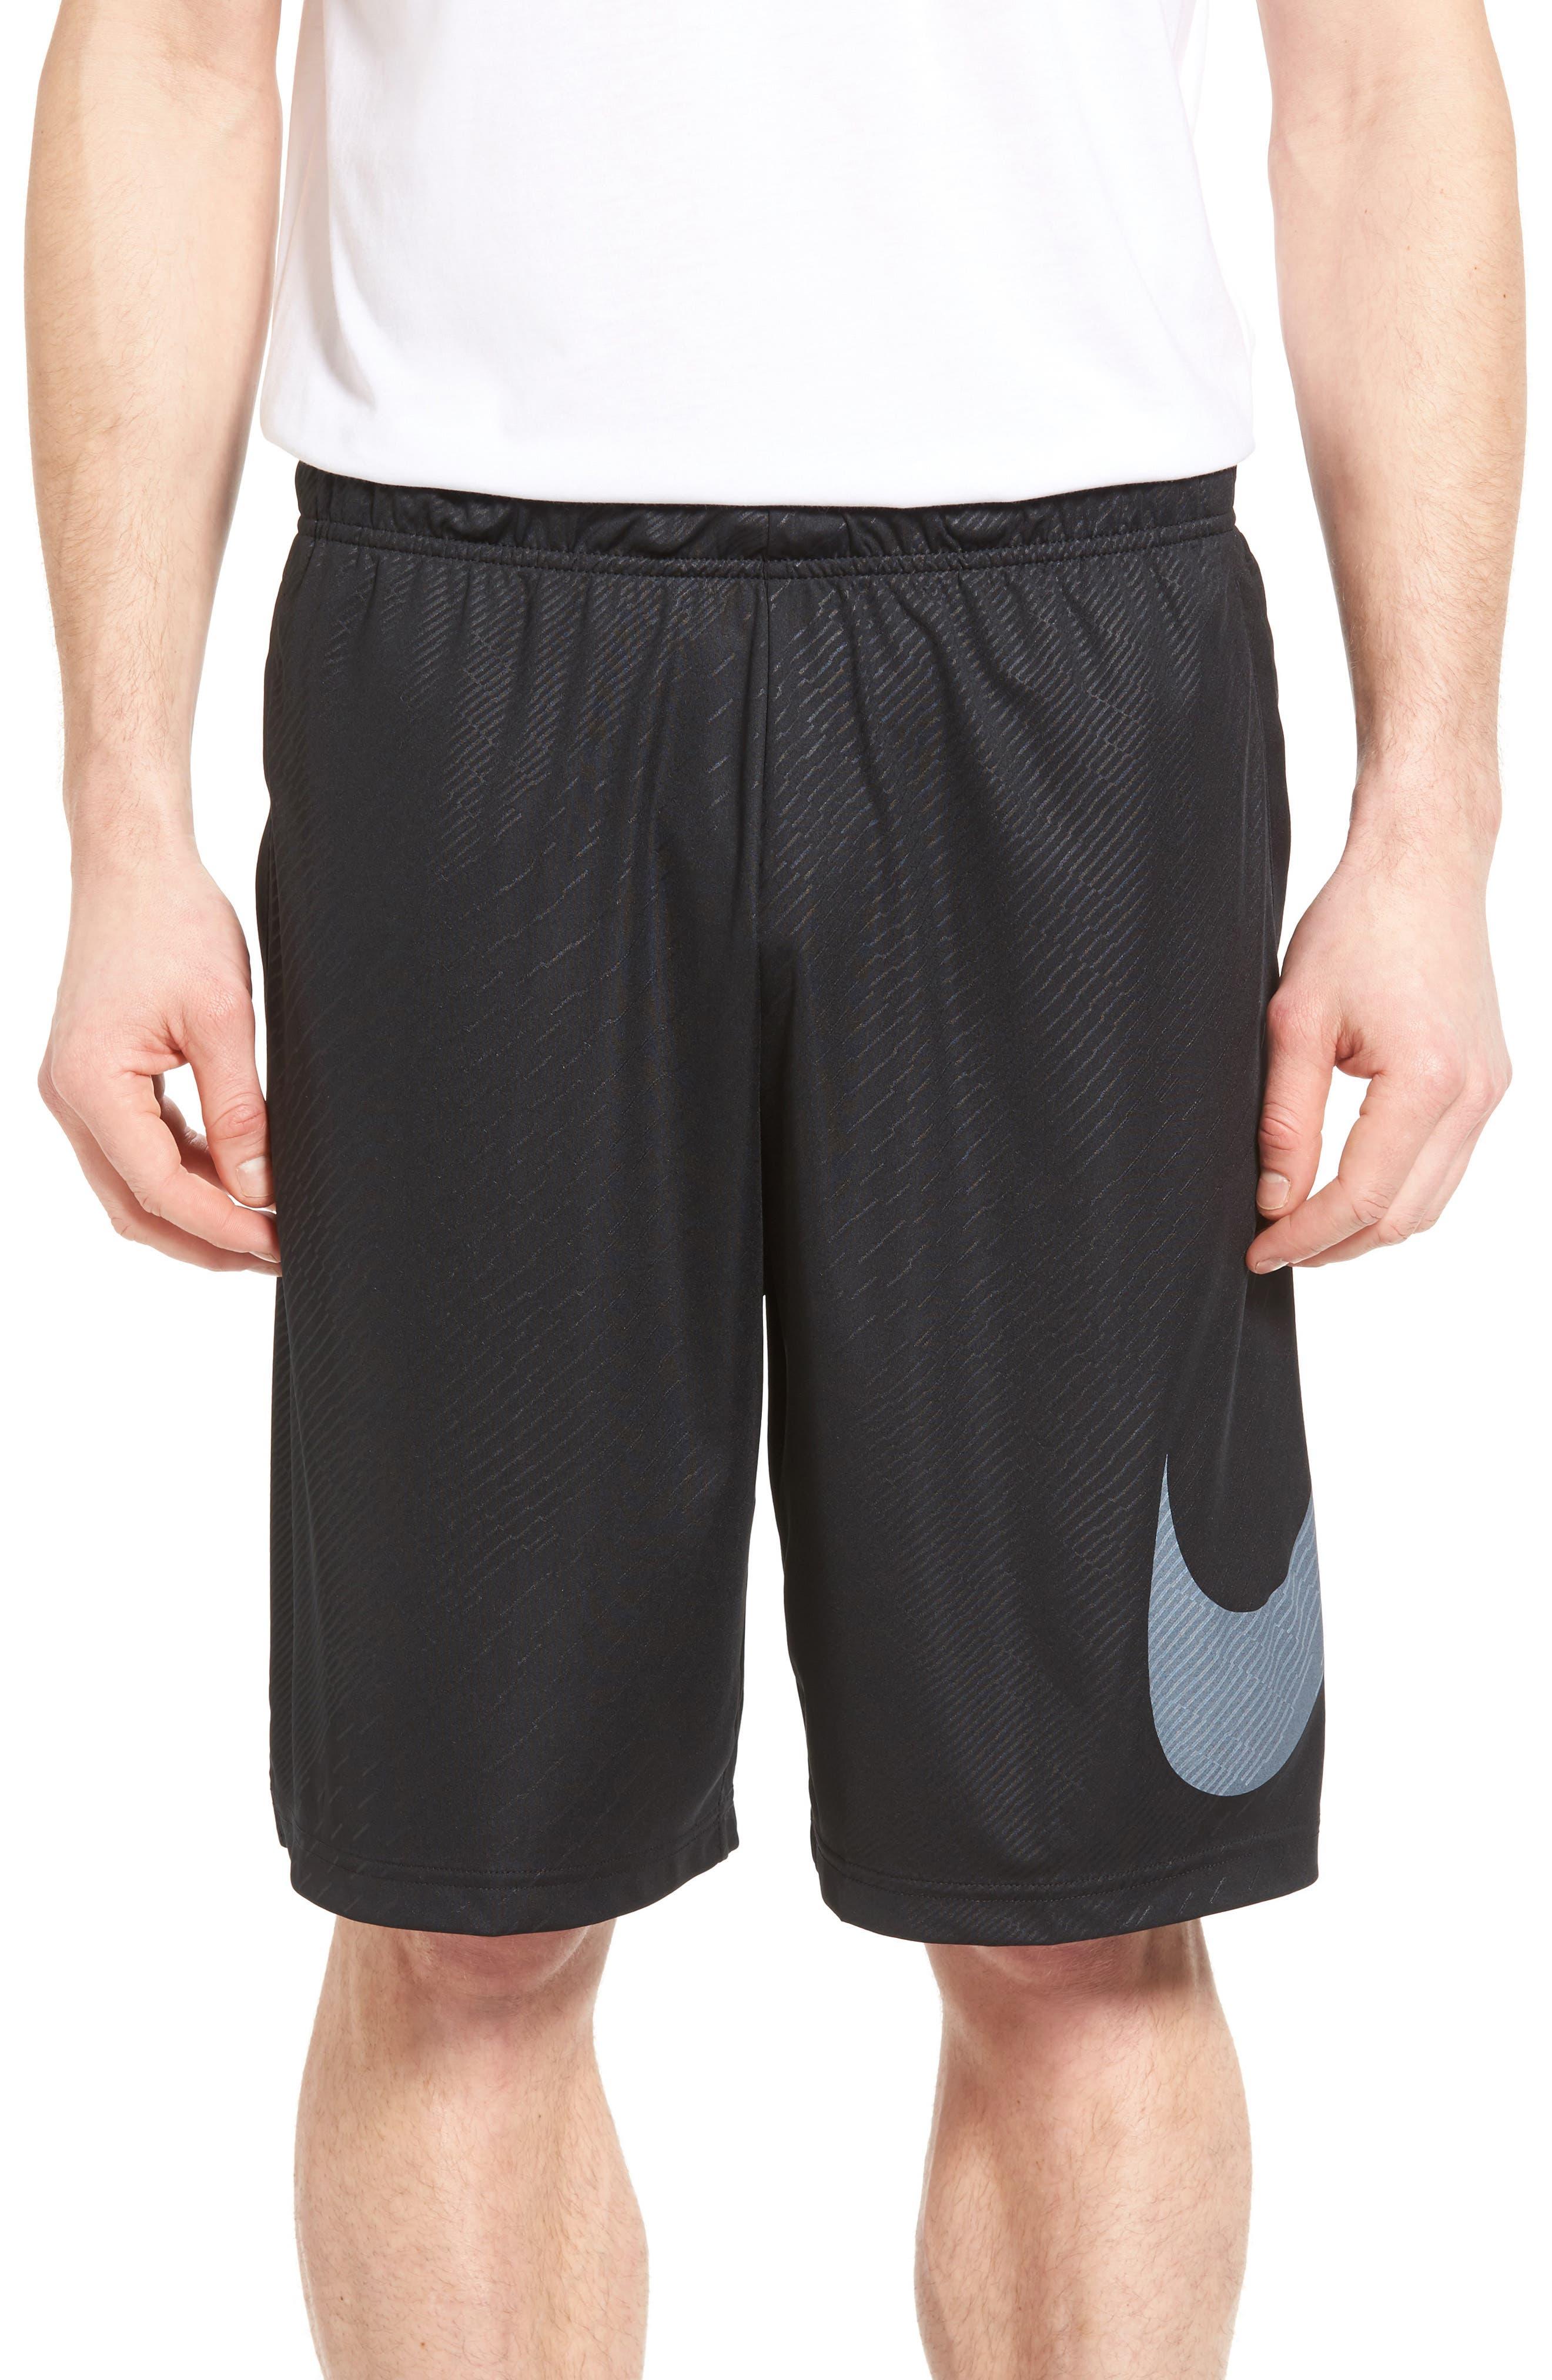 Main Image - Nike Dry Training Shorts